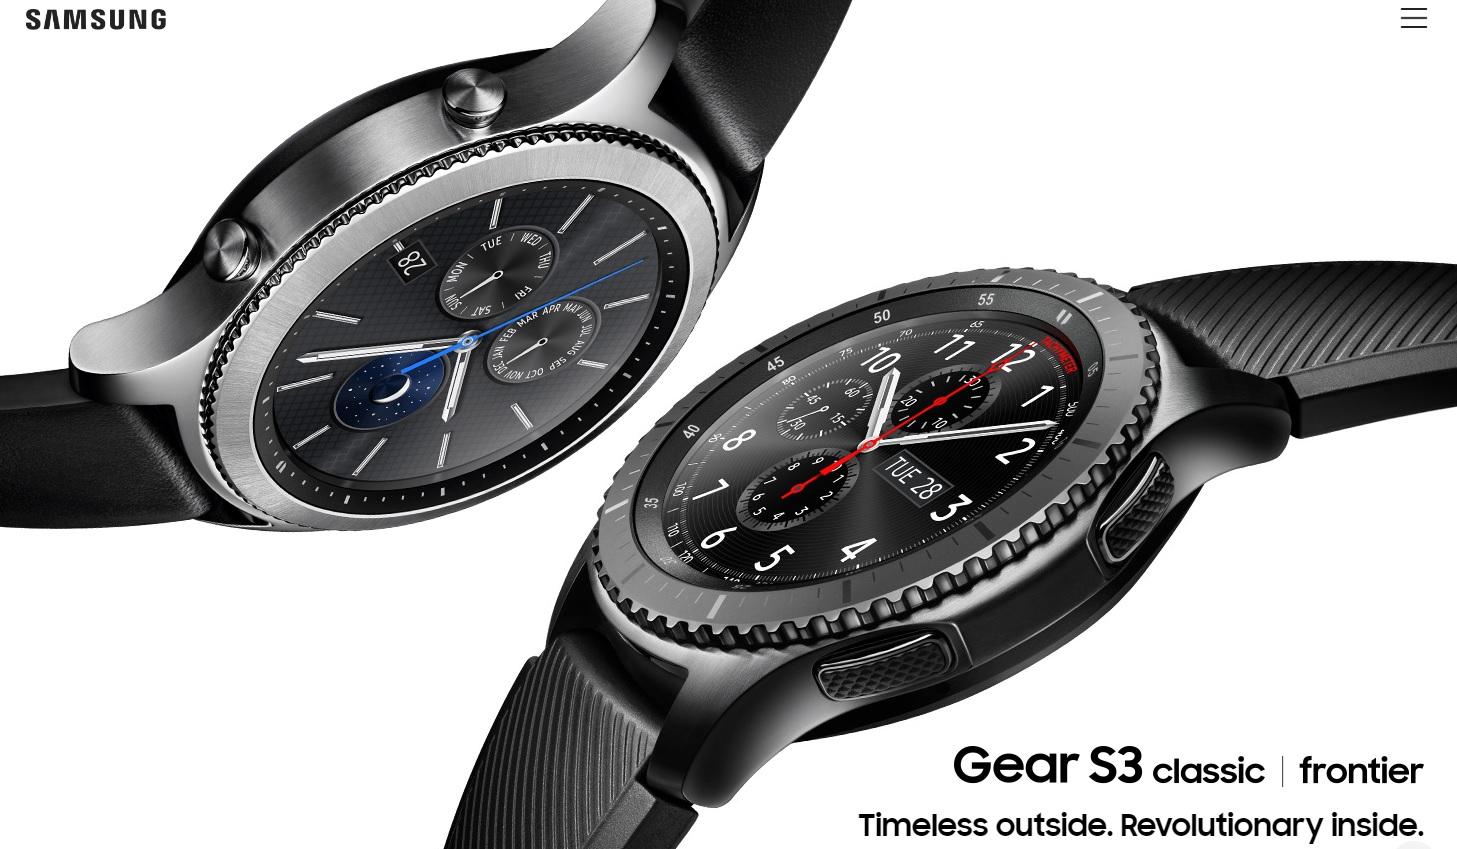 Samsung Gear S3 range